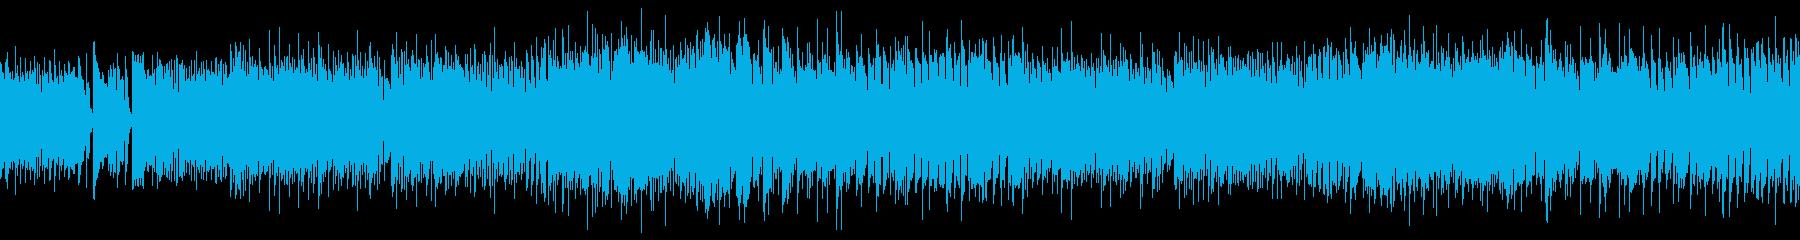 ロックバンド系バトルBGMの再生済みの波形